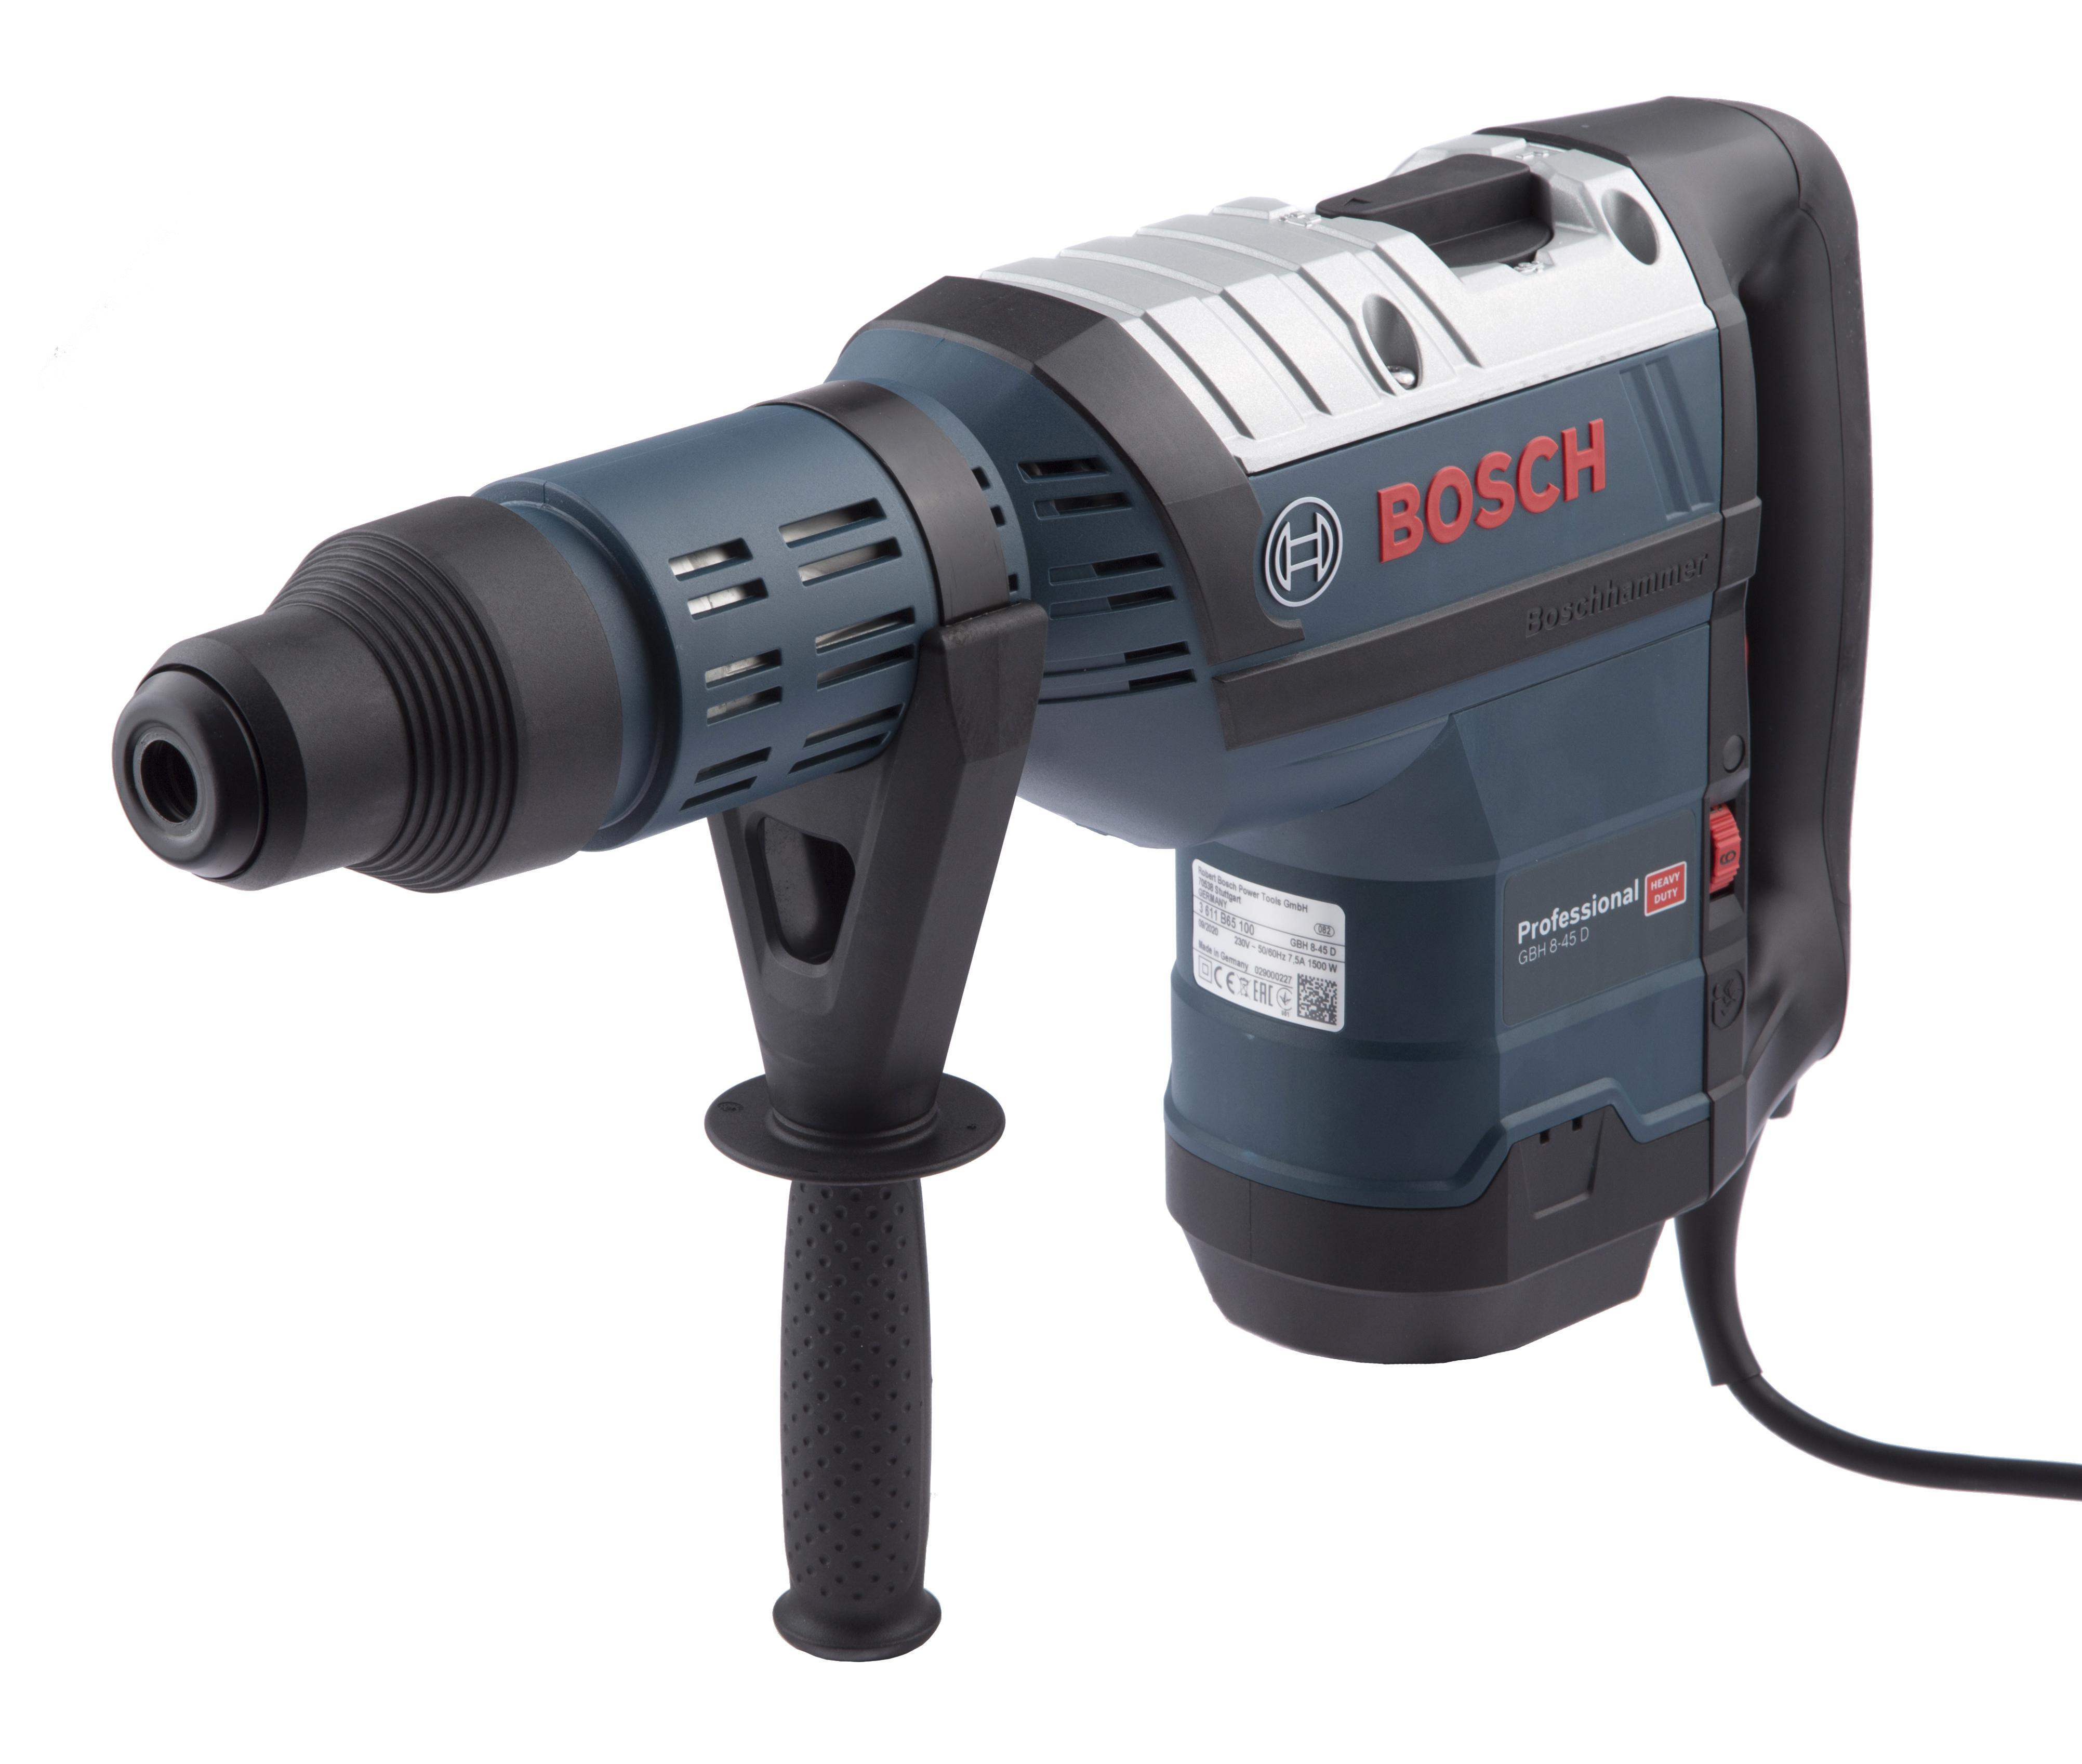 Перфоратор Bosch Gbh 8-45 d перфоратор bosch gbh 220 d 0 611 25a 400